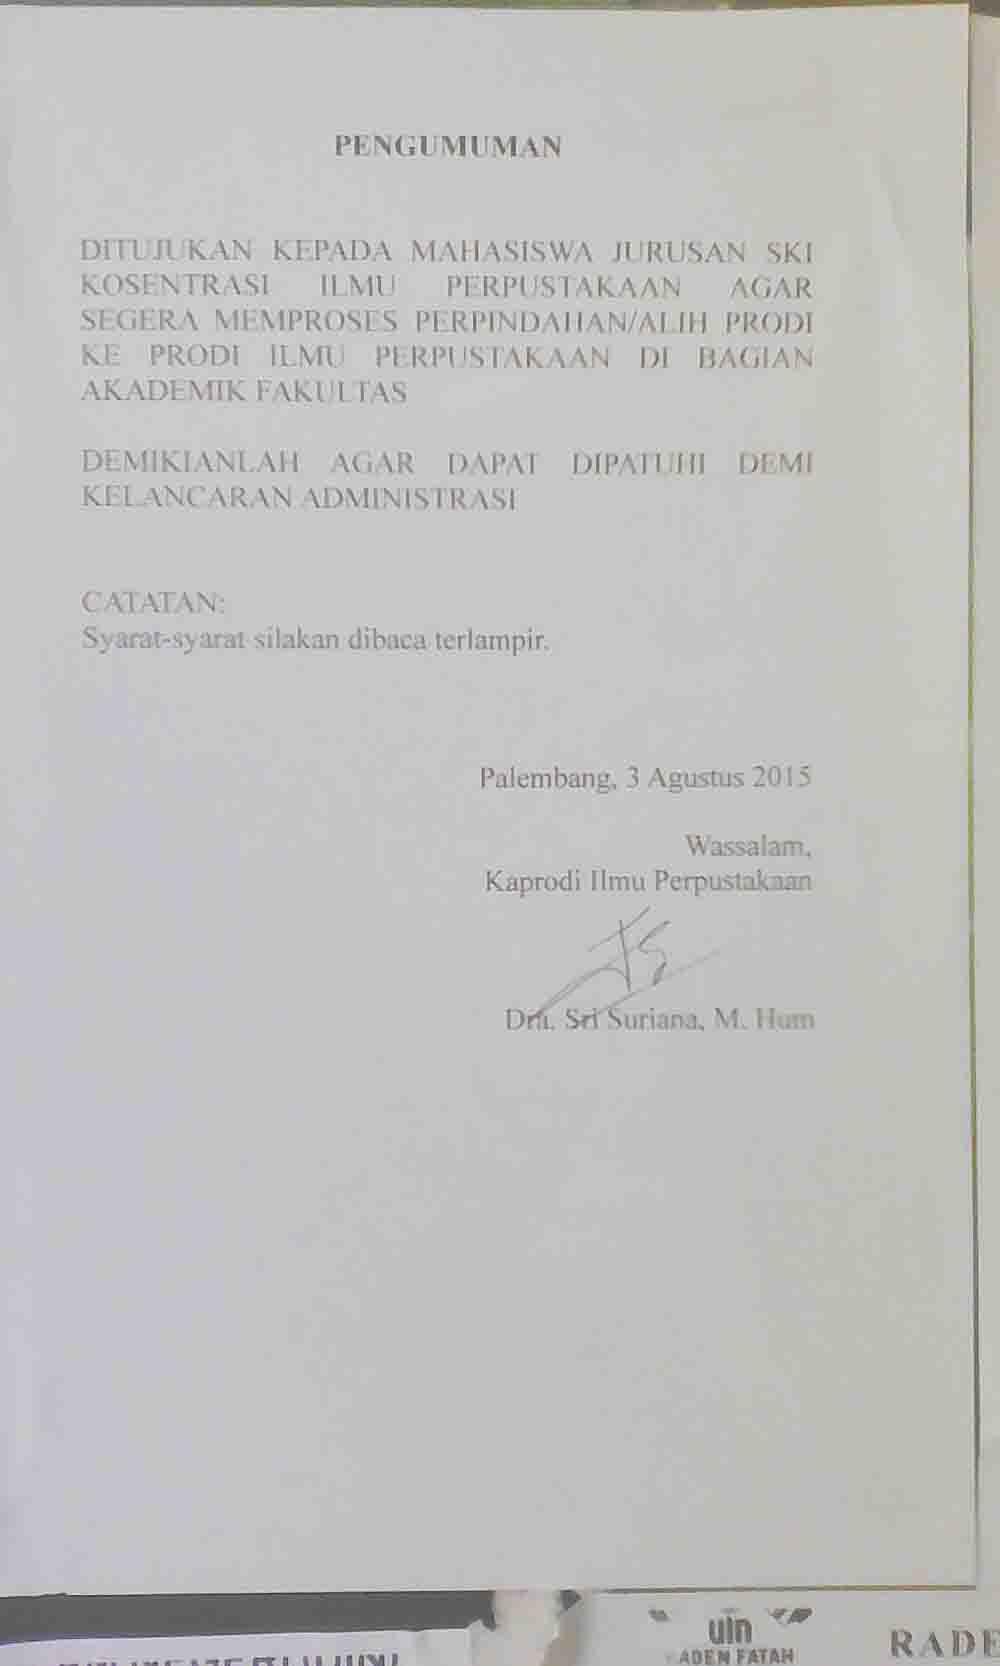 Foto : Nadyia pengumunan resmi dari pihak Jurusan Ilmu Perpustakaan Fakultas Adab dan Humaniora mengenai berpindah alihnya dari konsentrasi ke jurusan prodi Ilmu Perpustakaan.